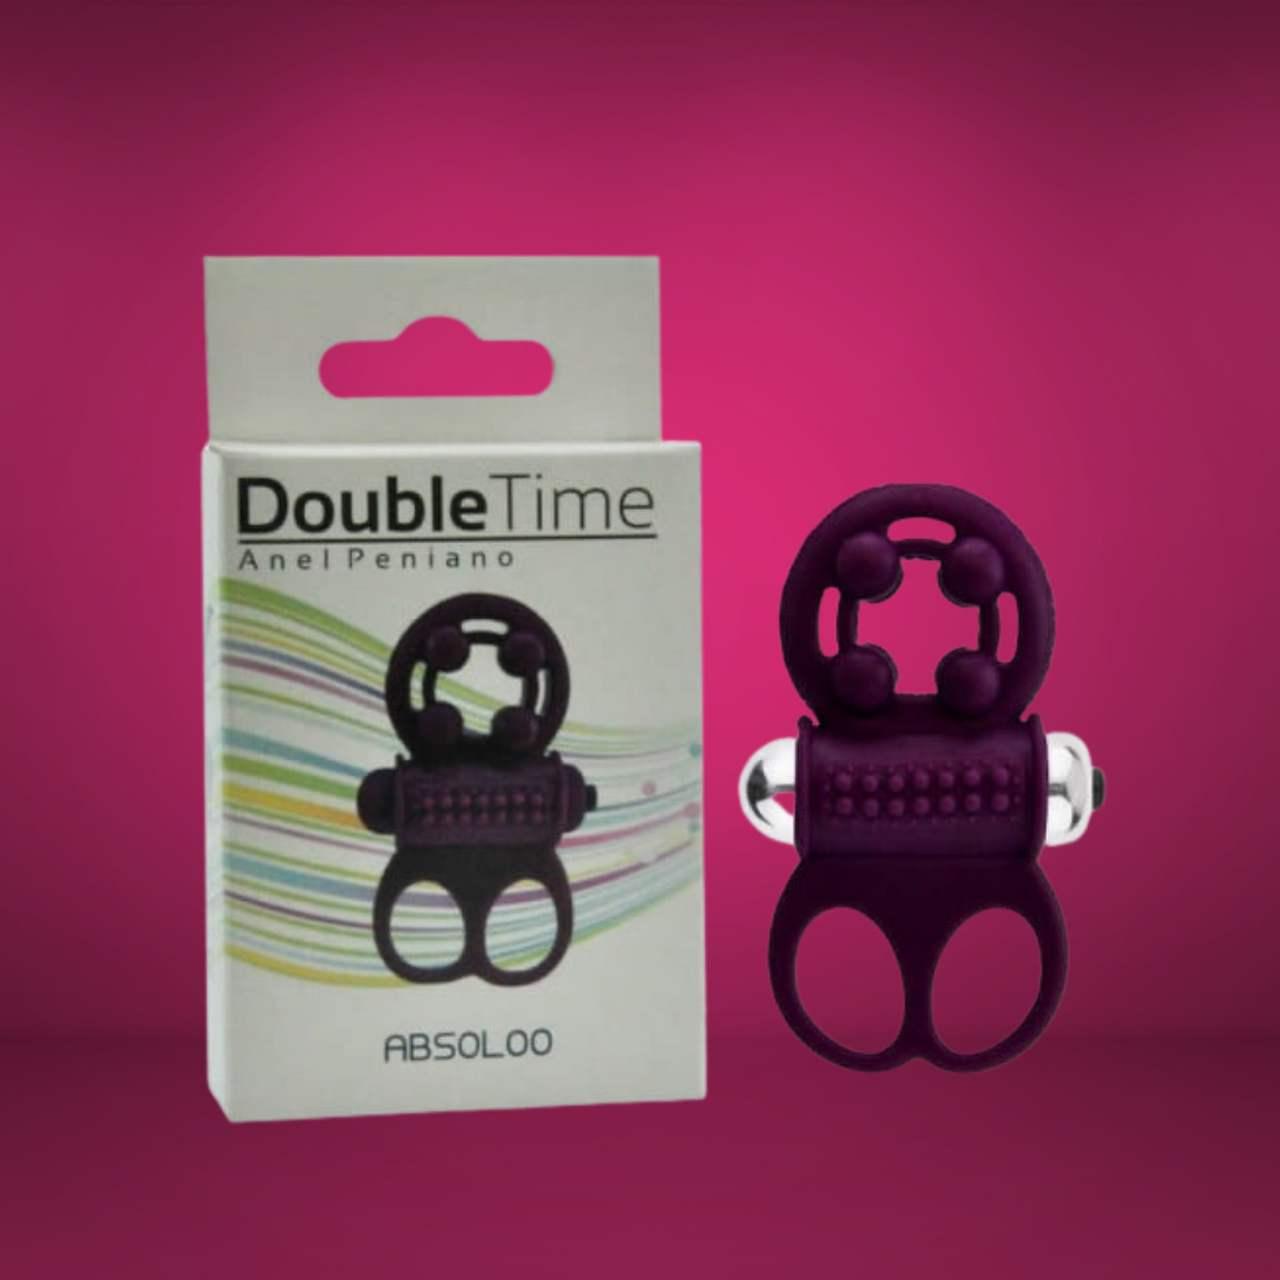 Anel Peniano Com Estimulador Double Time 10 Modos de Vibração Absoloo